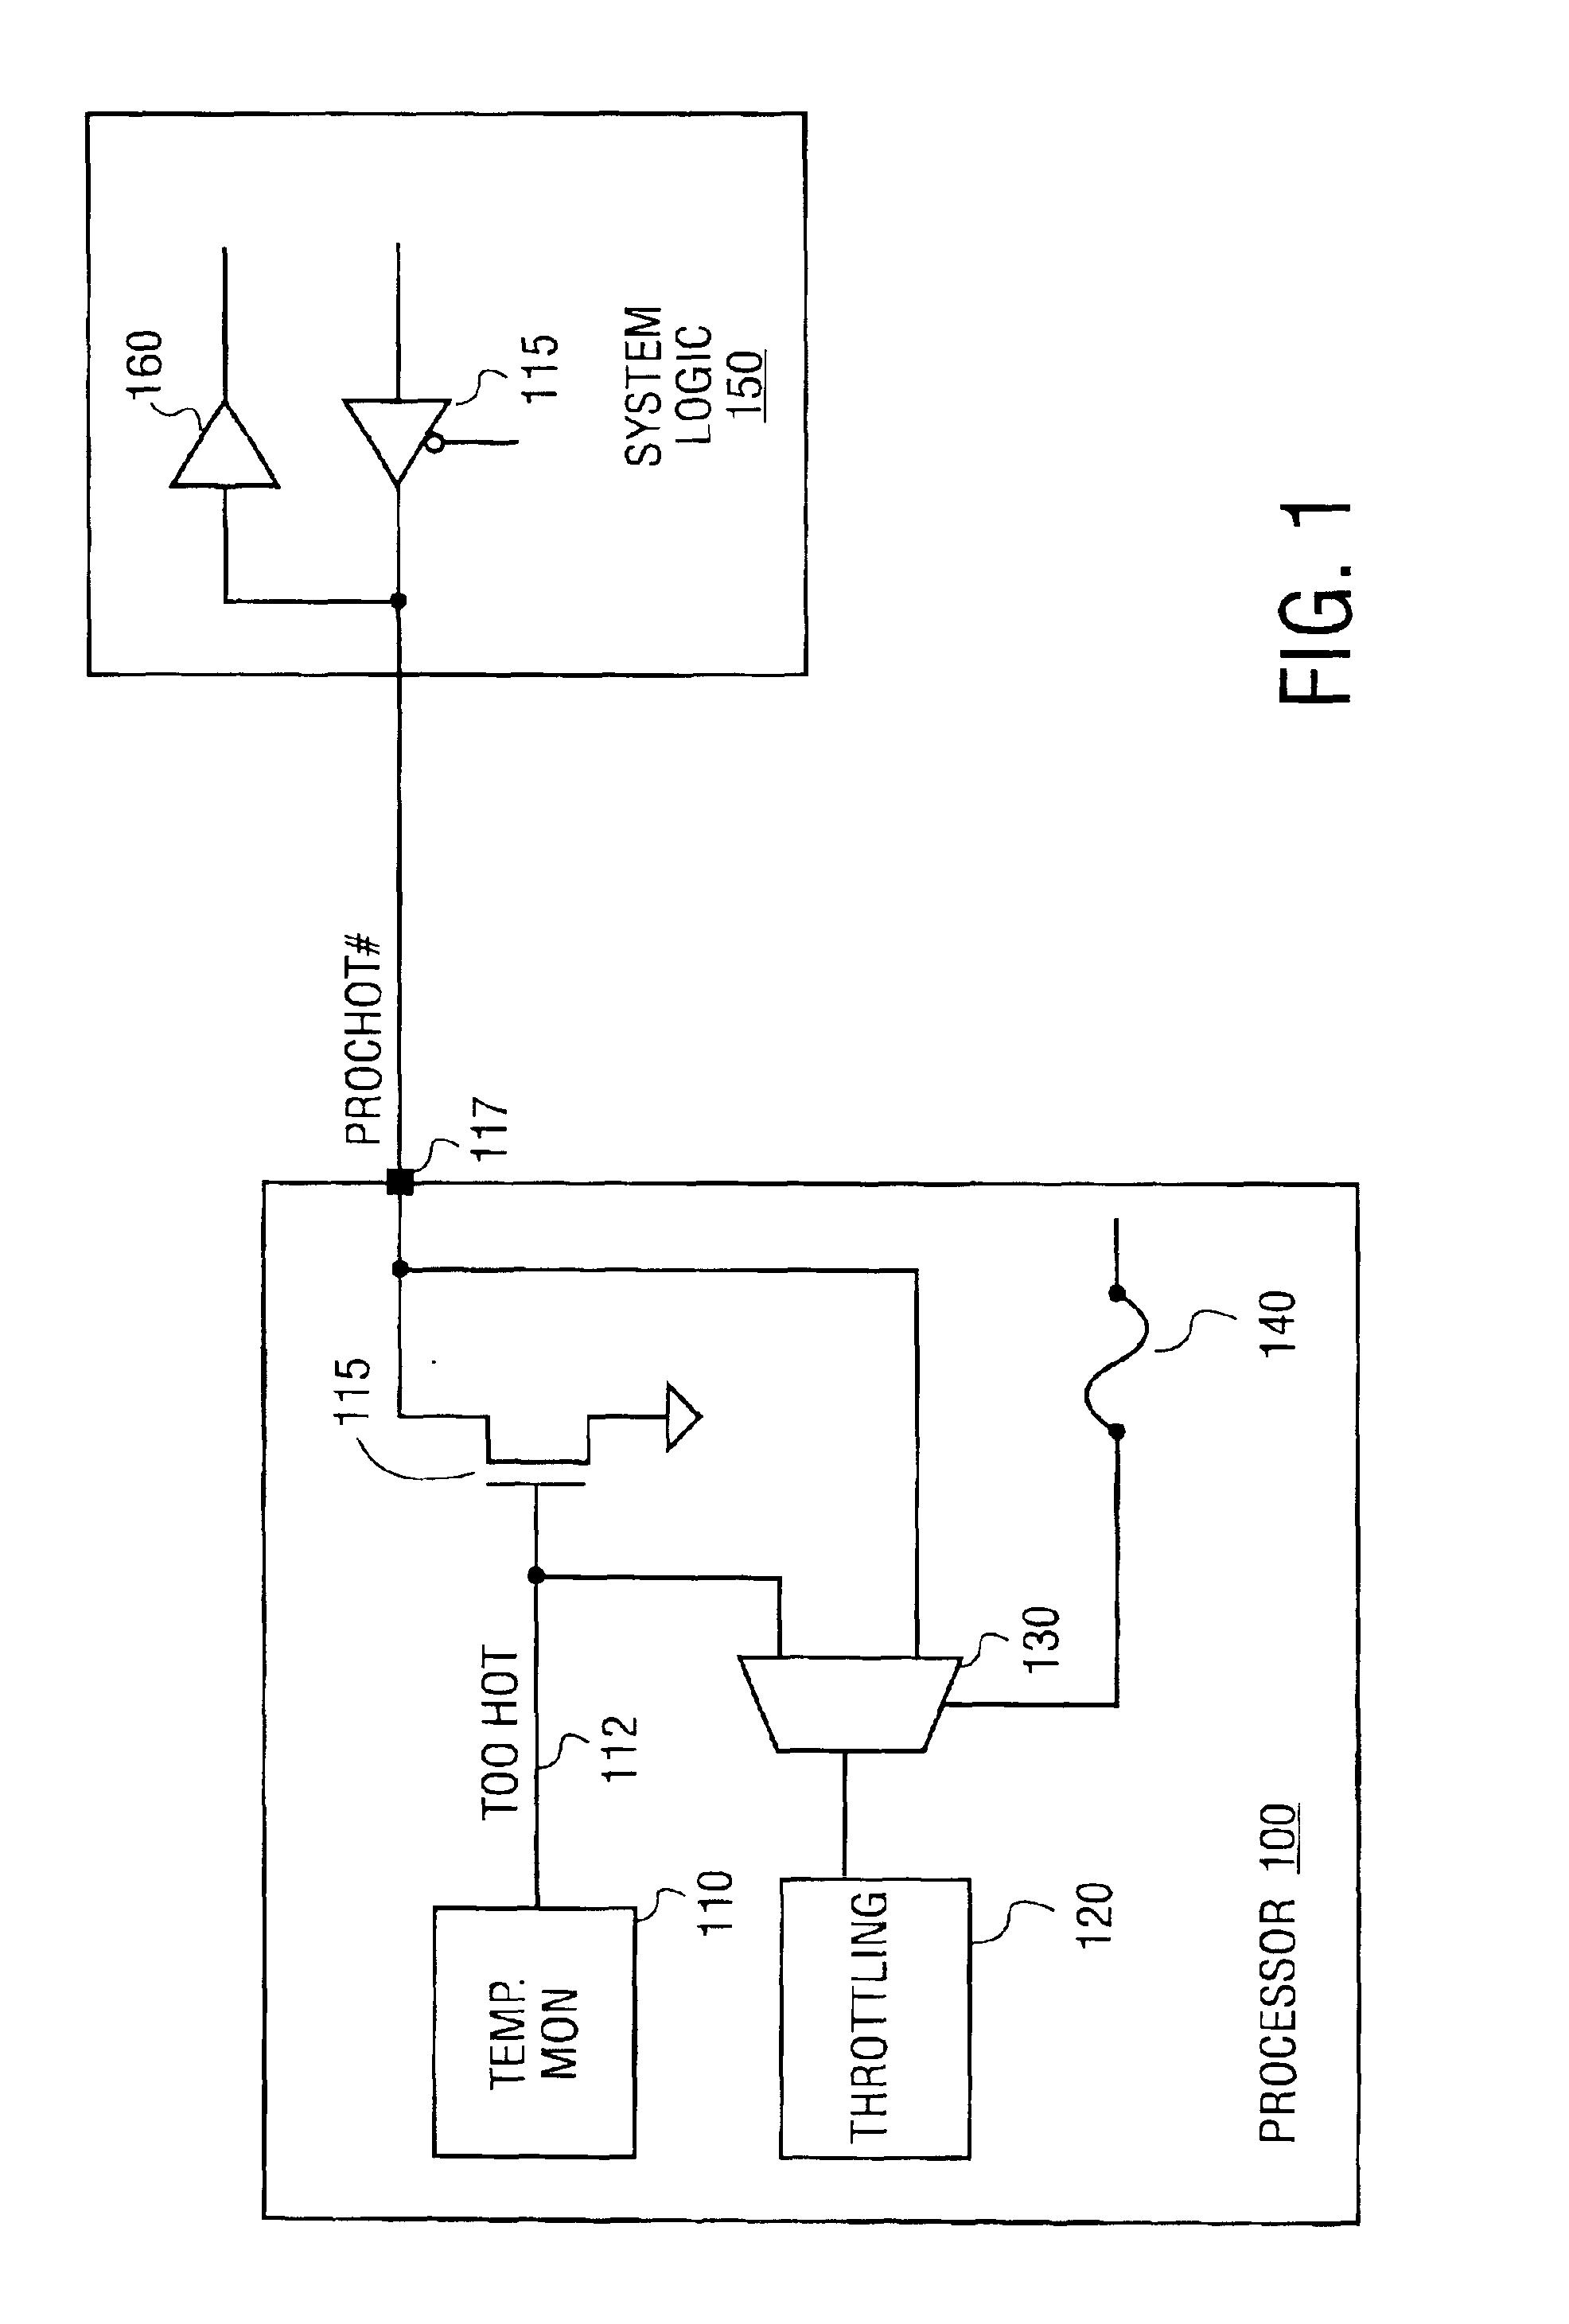 brevet us6957352